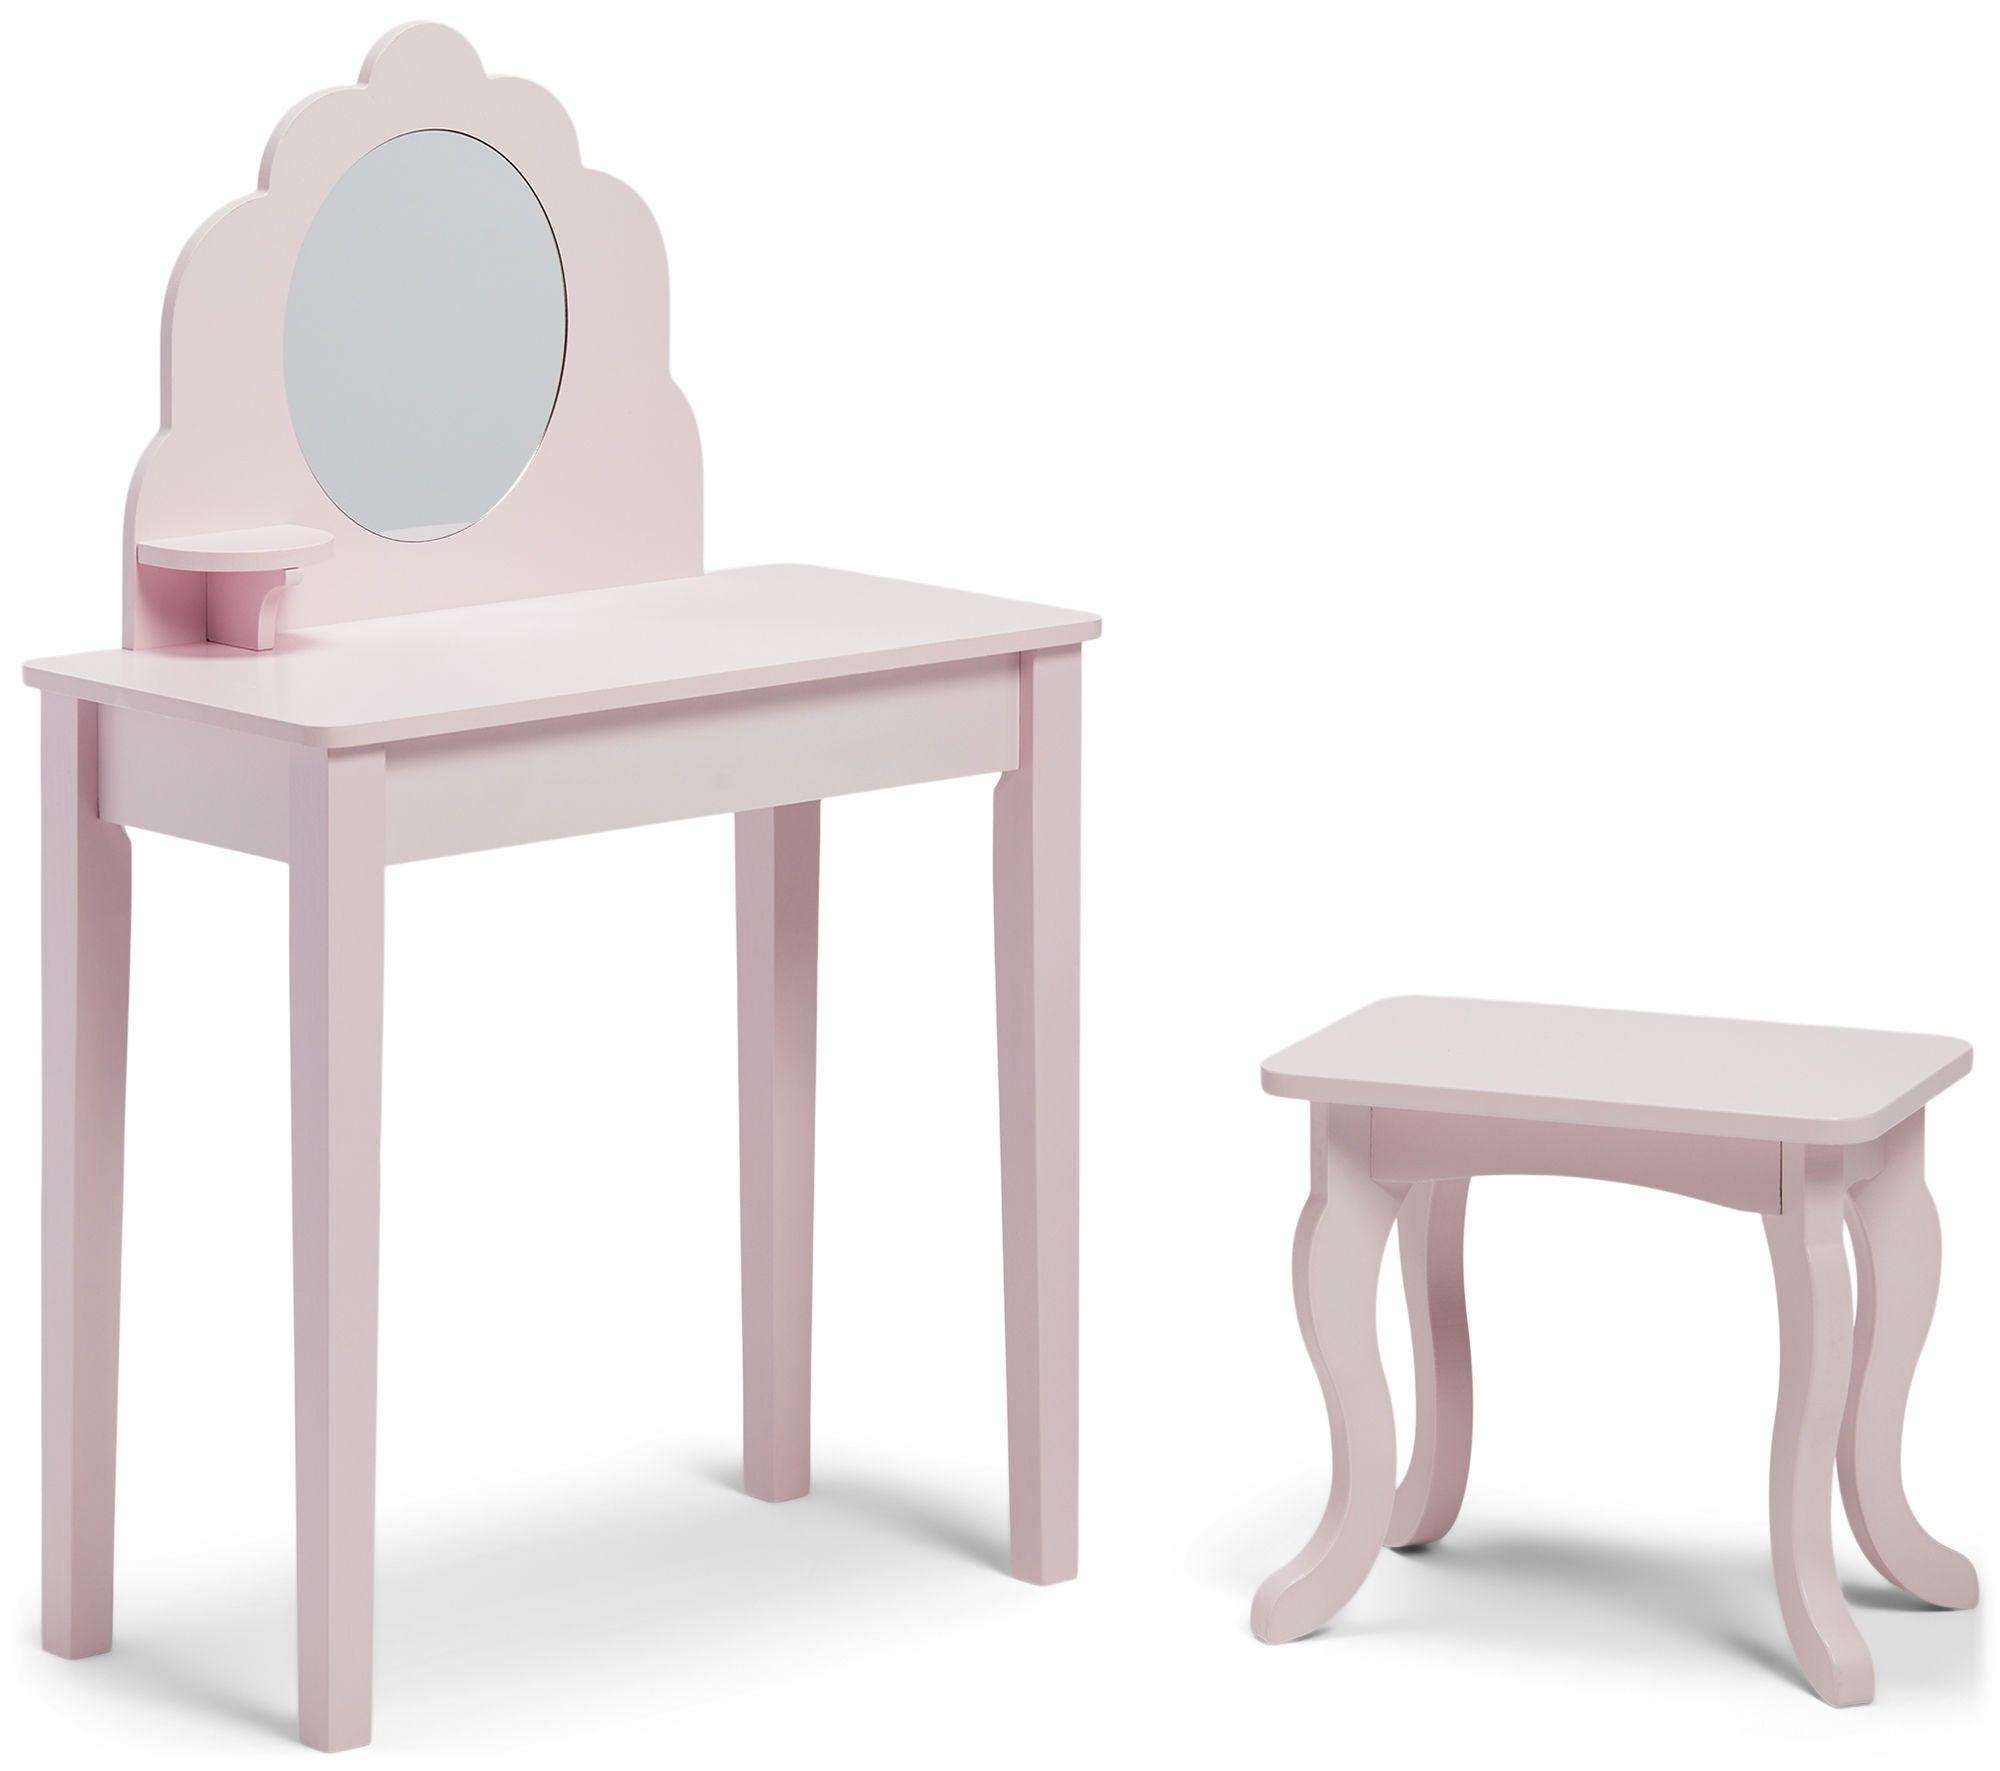 Alice & Fox Meikkipöytä & Tuoli, Vaaleanpunainen